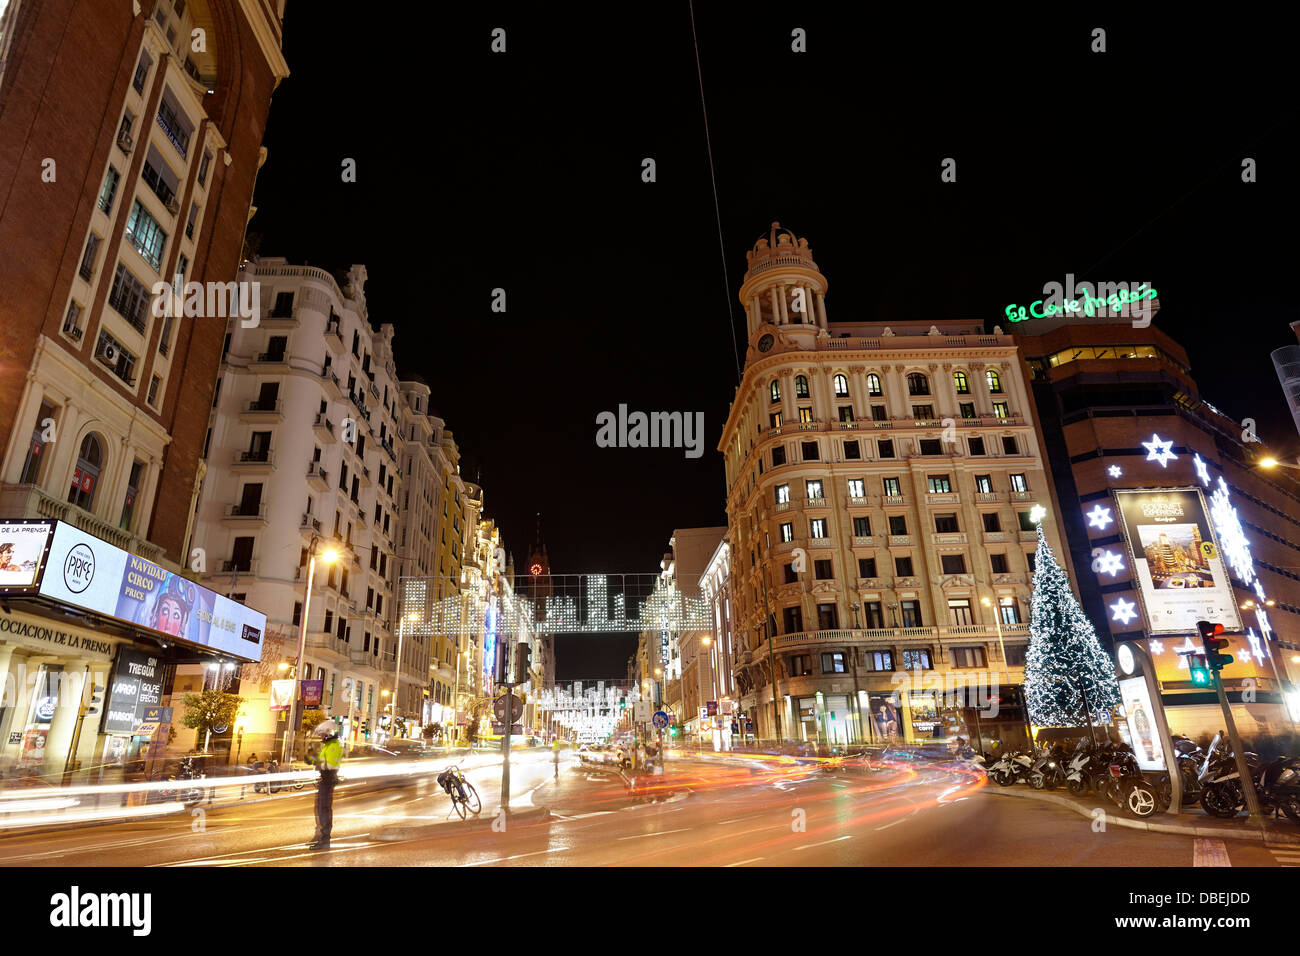 Verkehr am Gran via Straße mit Lichtern Wanderwege Effekt zur Weihnachtszeit. Madrid. Spanien. Madrid. Spanien. Stockbild